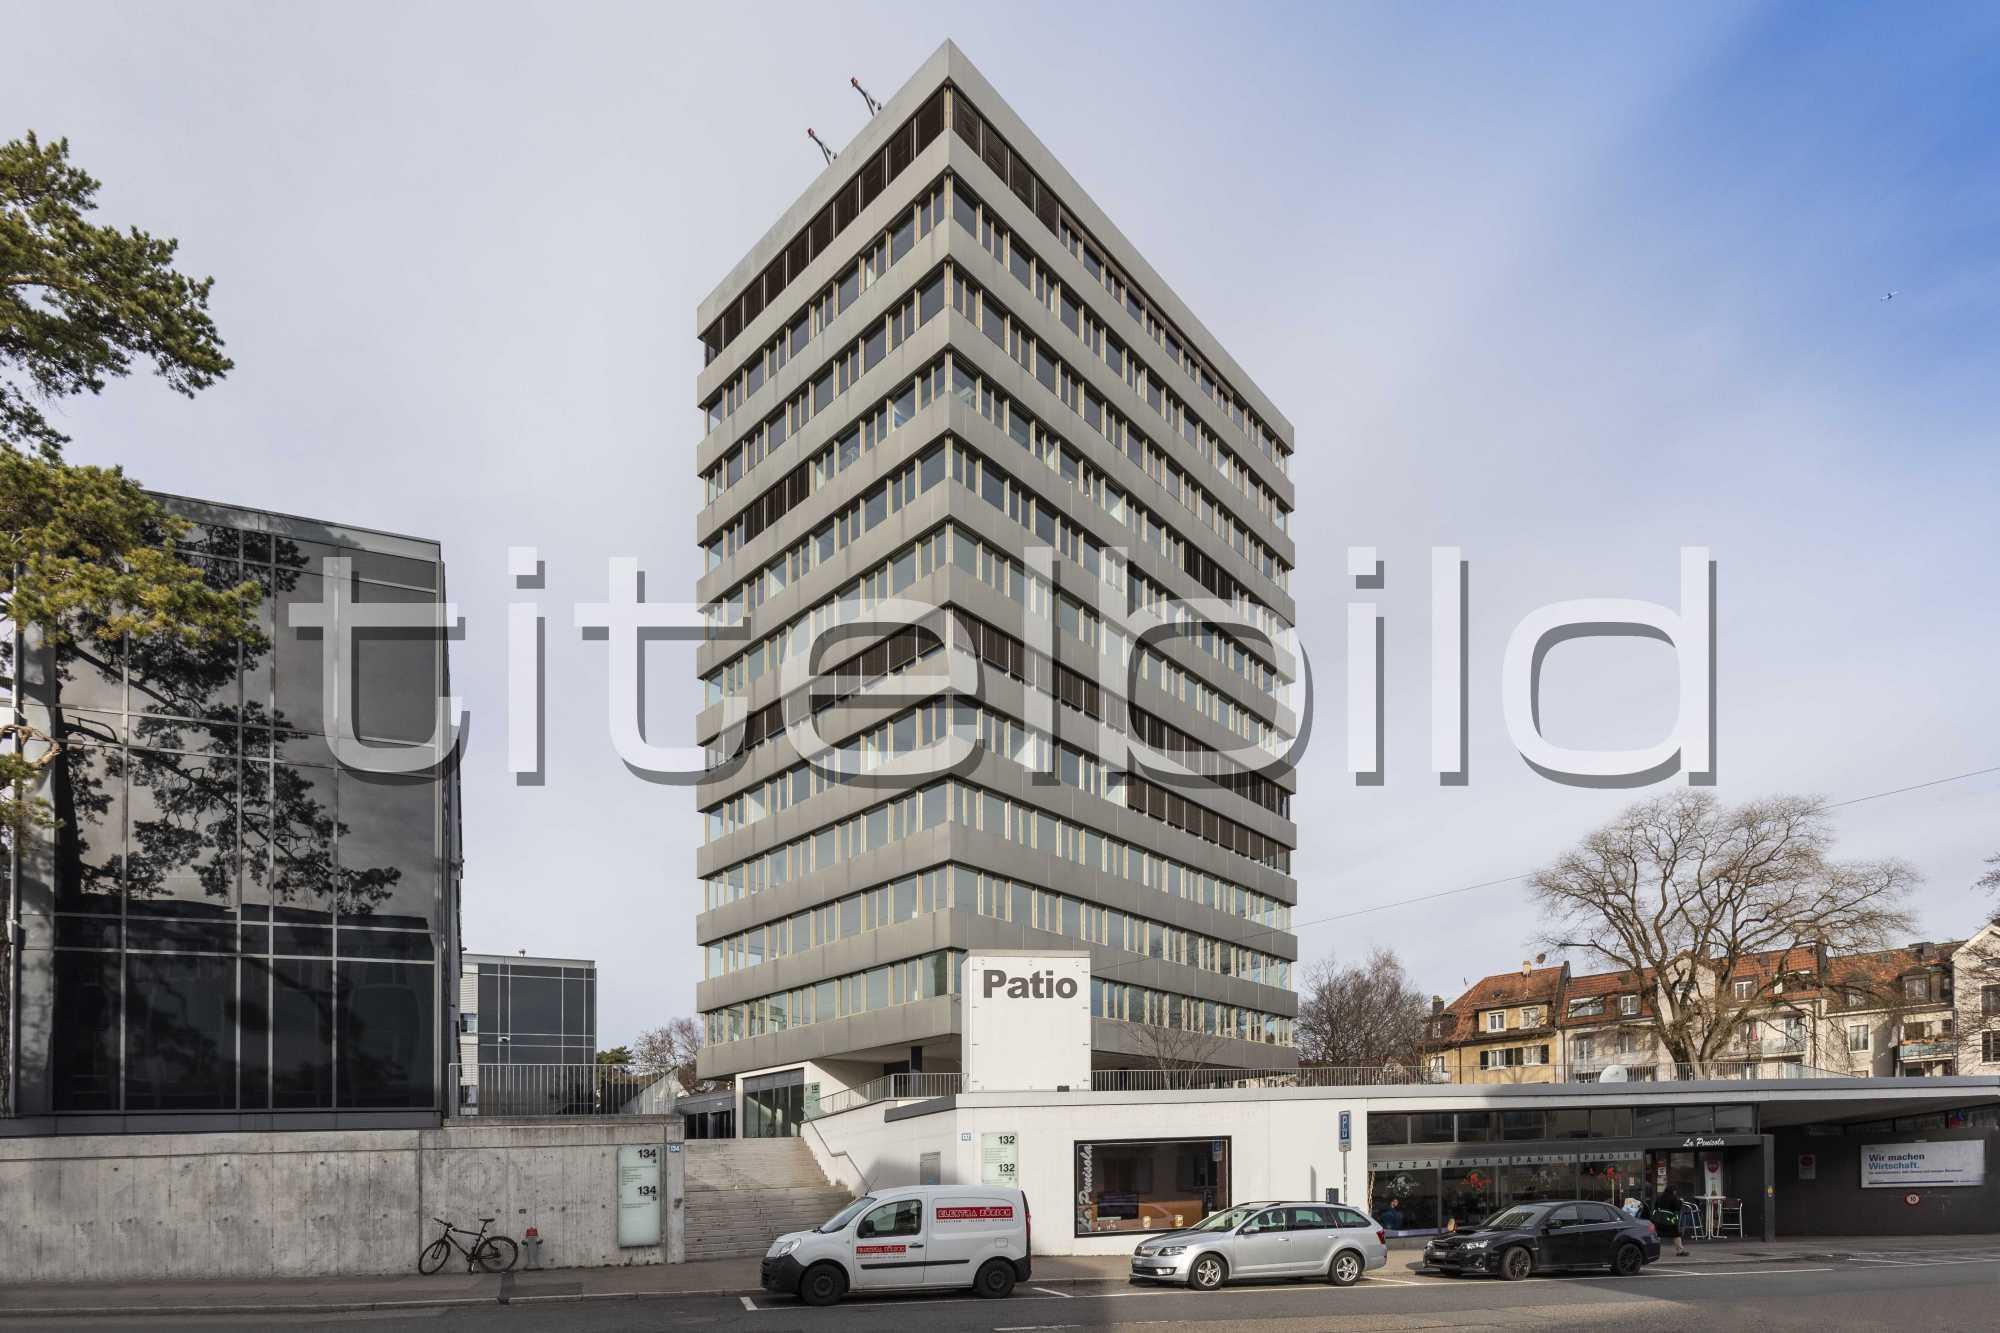 Projektbild-Nr. 2: Sanierung Hochhaus, Uetlibergstrasse 132, 8045 Zürich